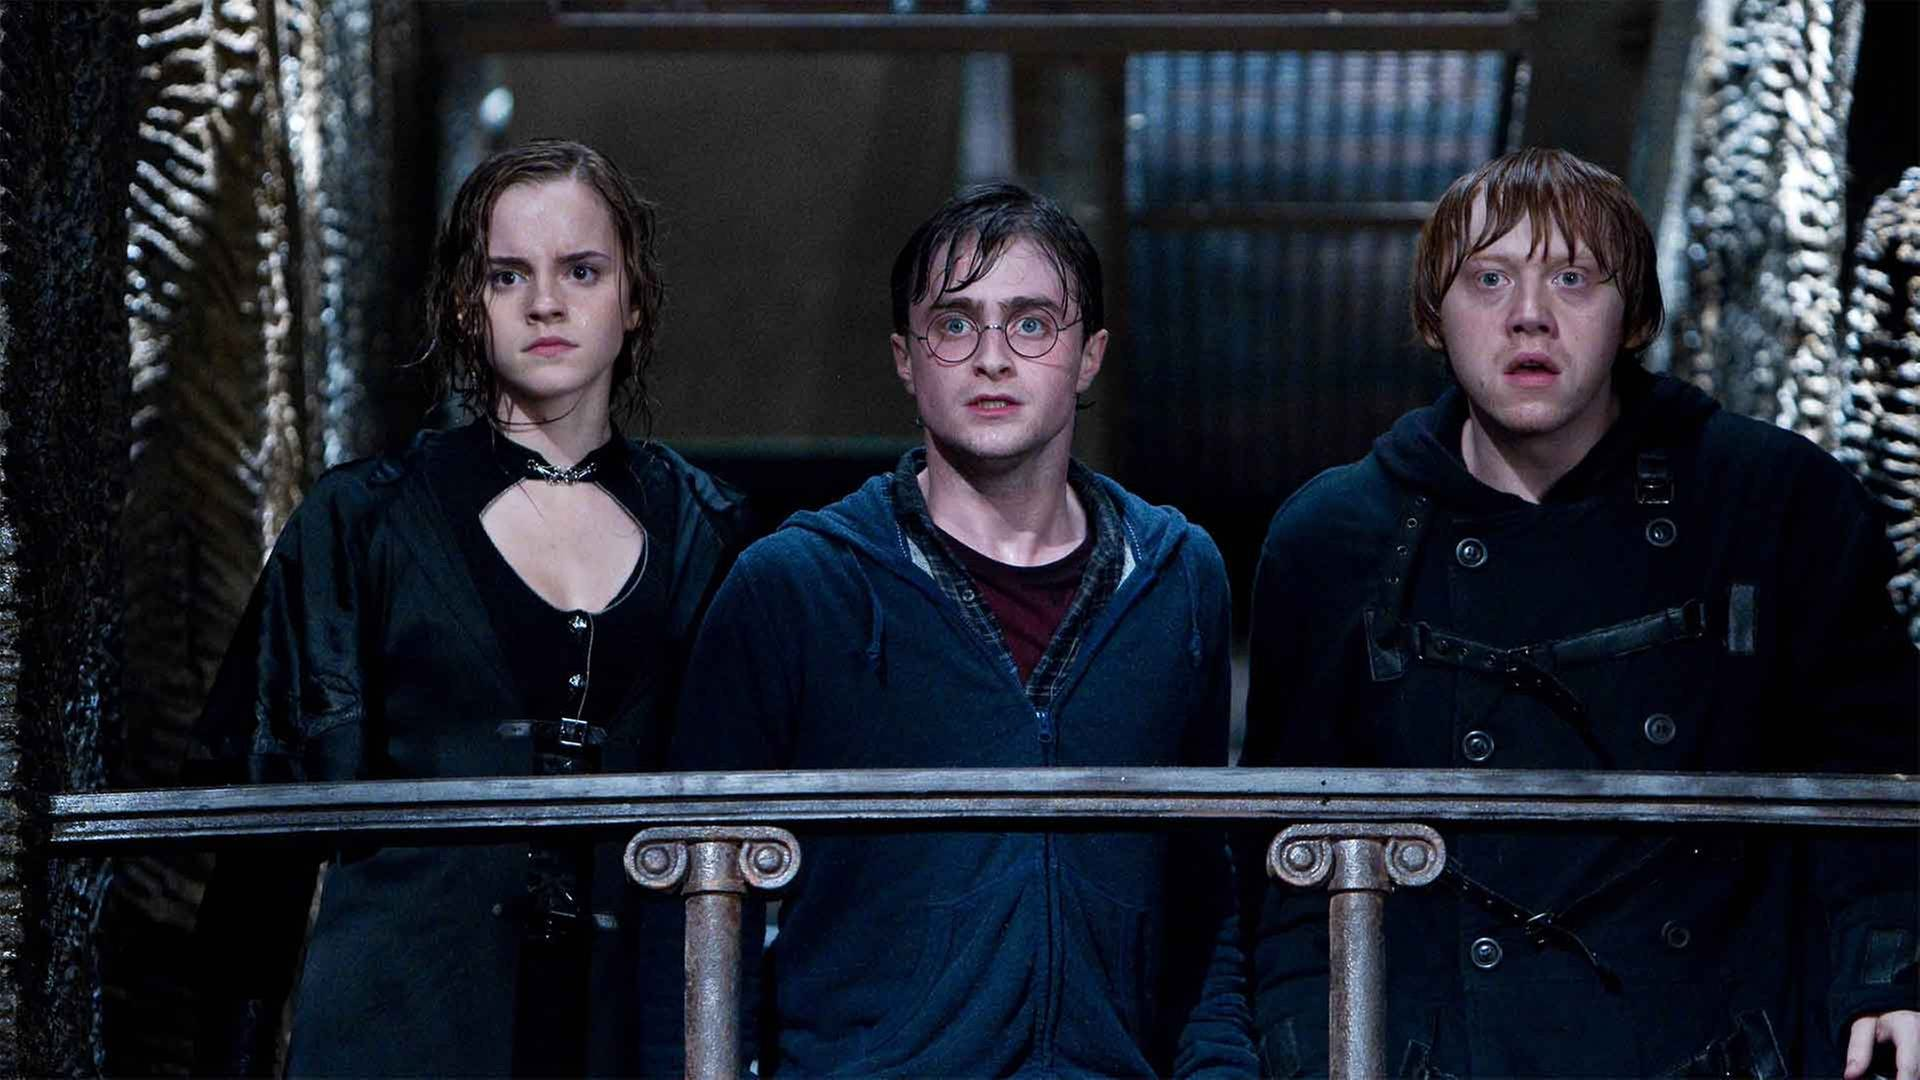 Krass So Sehen Die Harry Potter Schauspieler Heute Aus Dasding